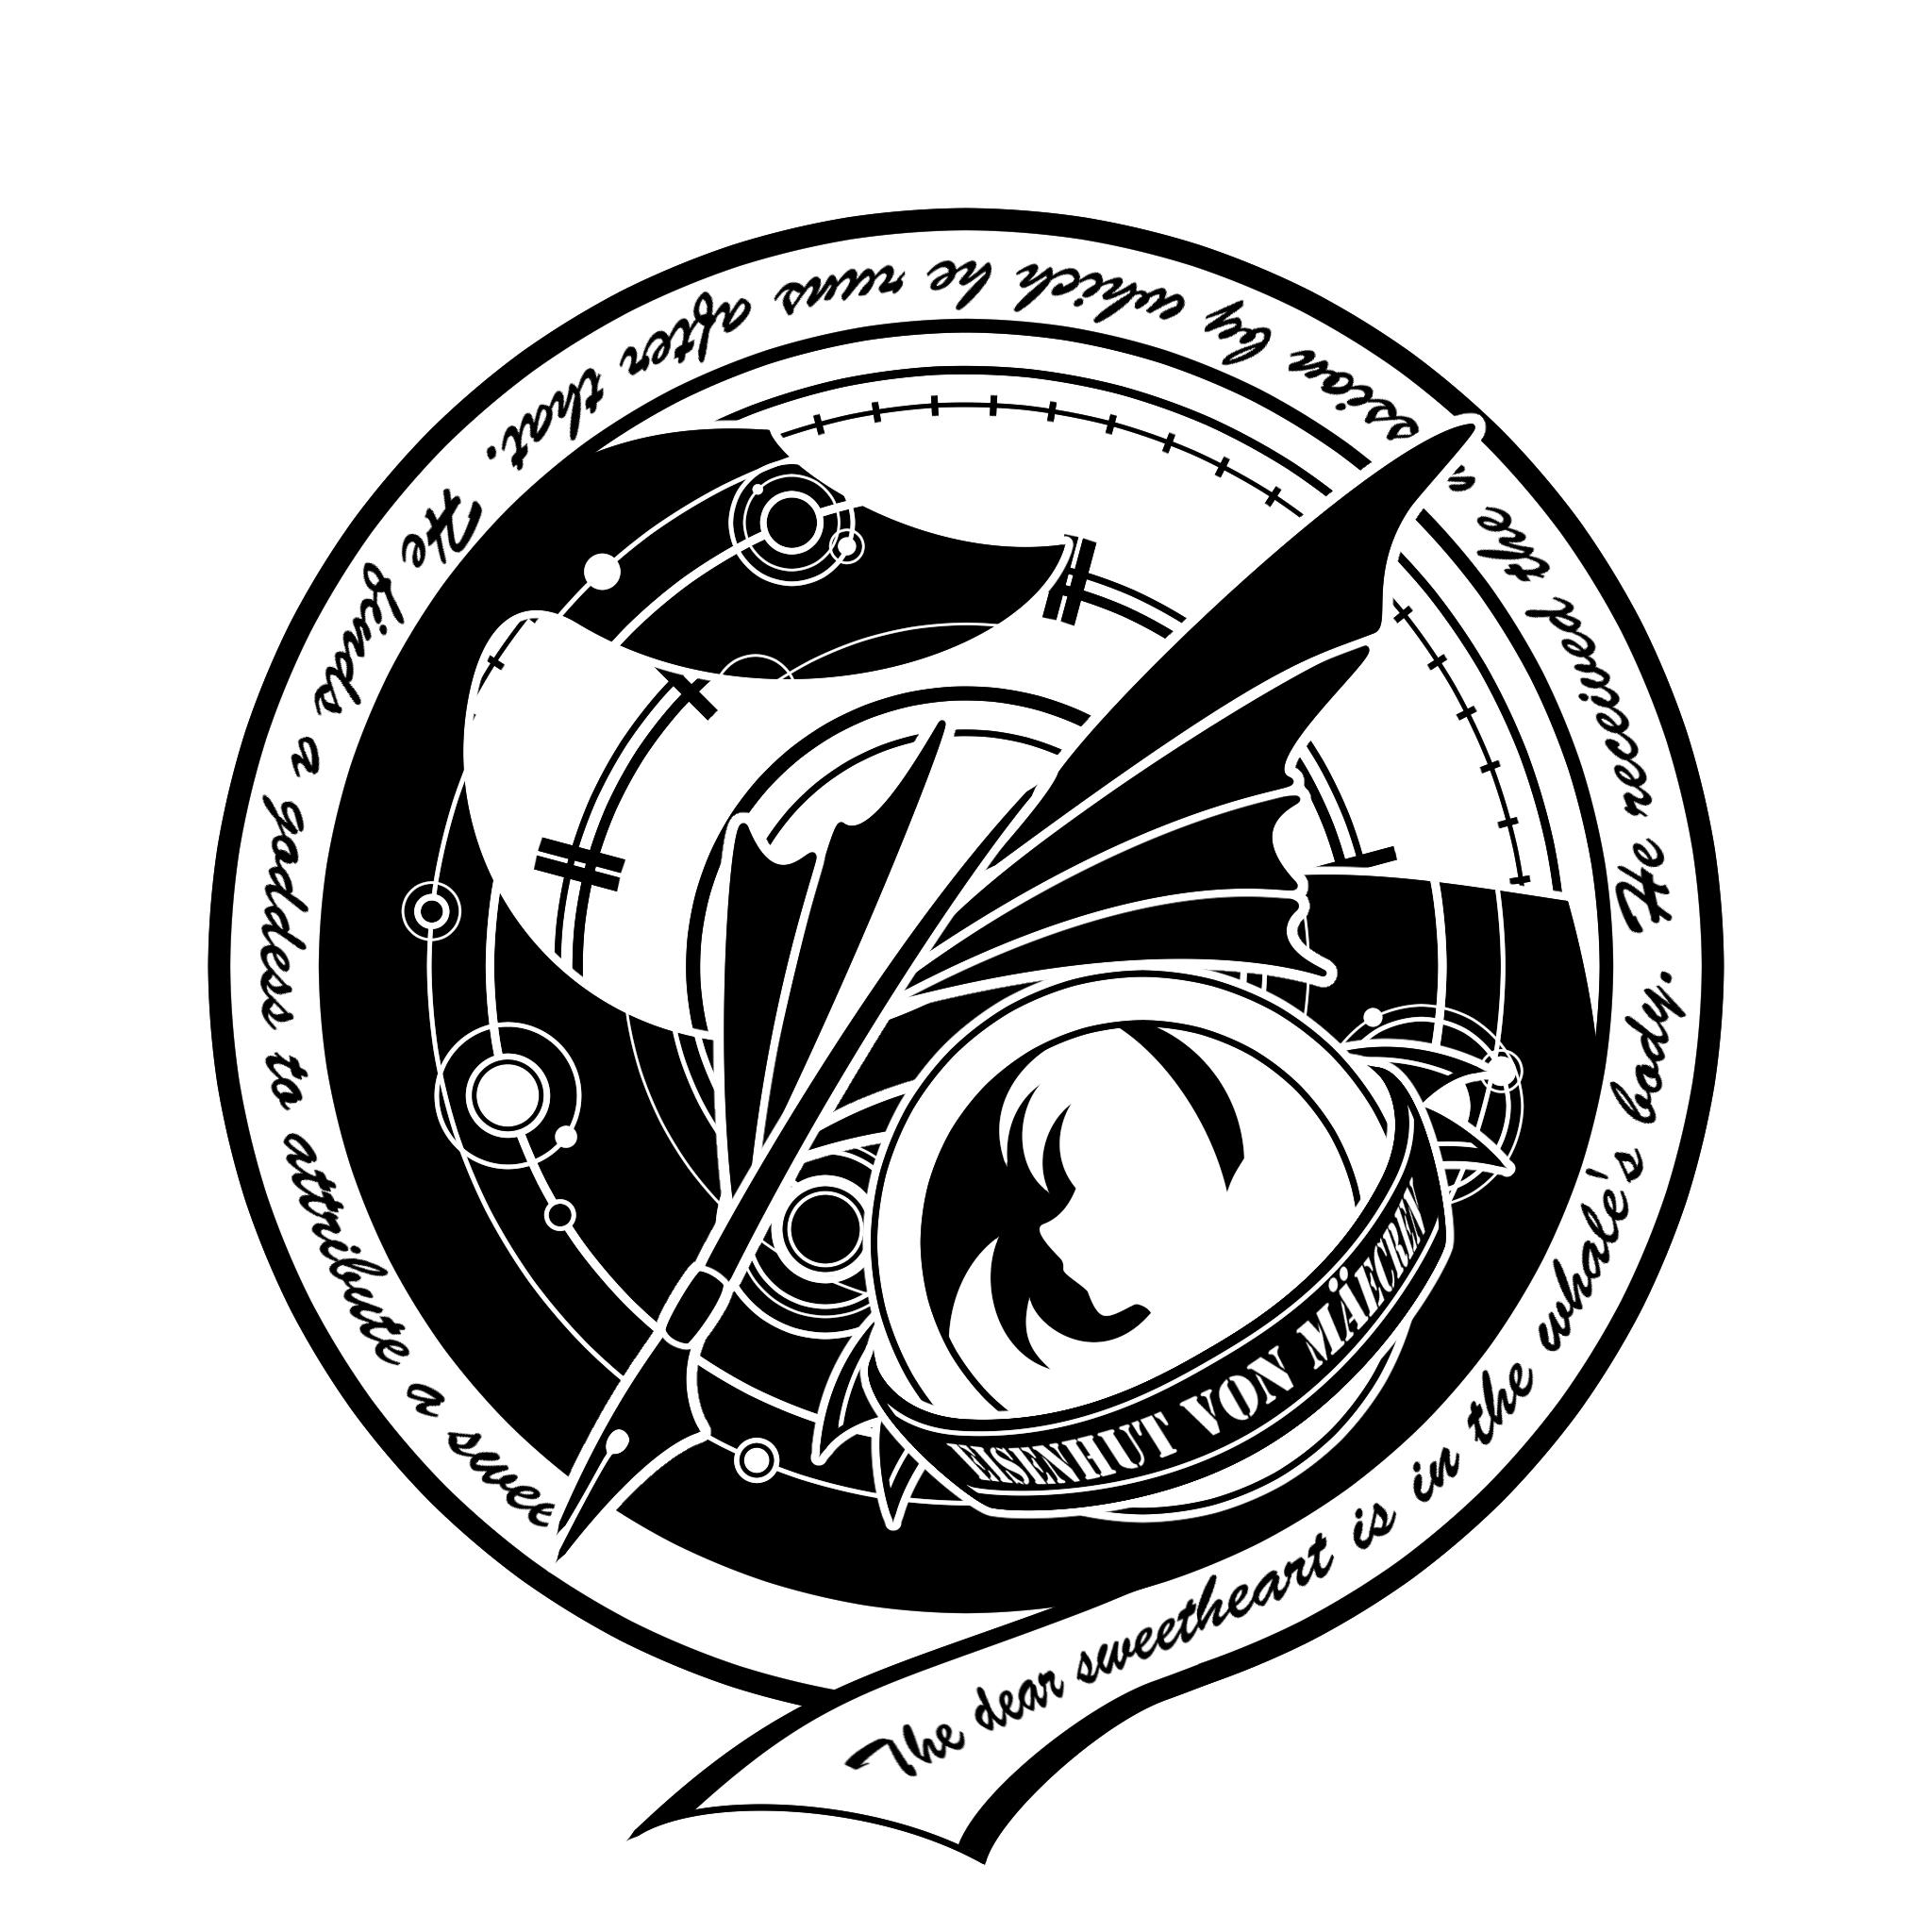 Trpgタイトルロゴ 魔法陣 クリエイターへの直接発注で高品質なイラストをご提供 イラスト マンガ特化型クラウドソーシングサービス Gikutas Direct